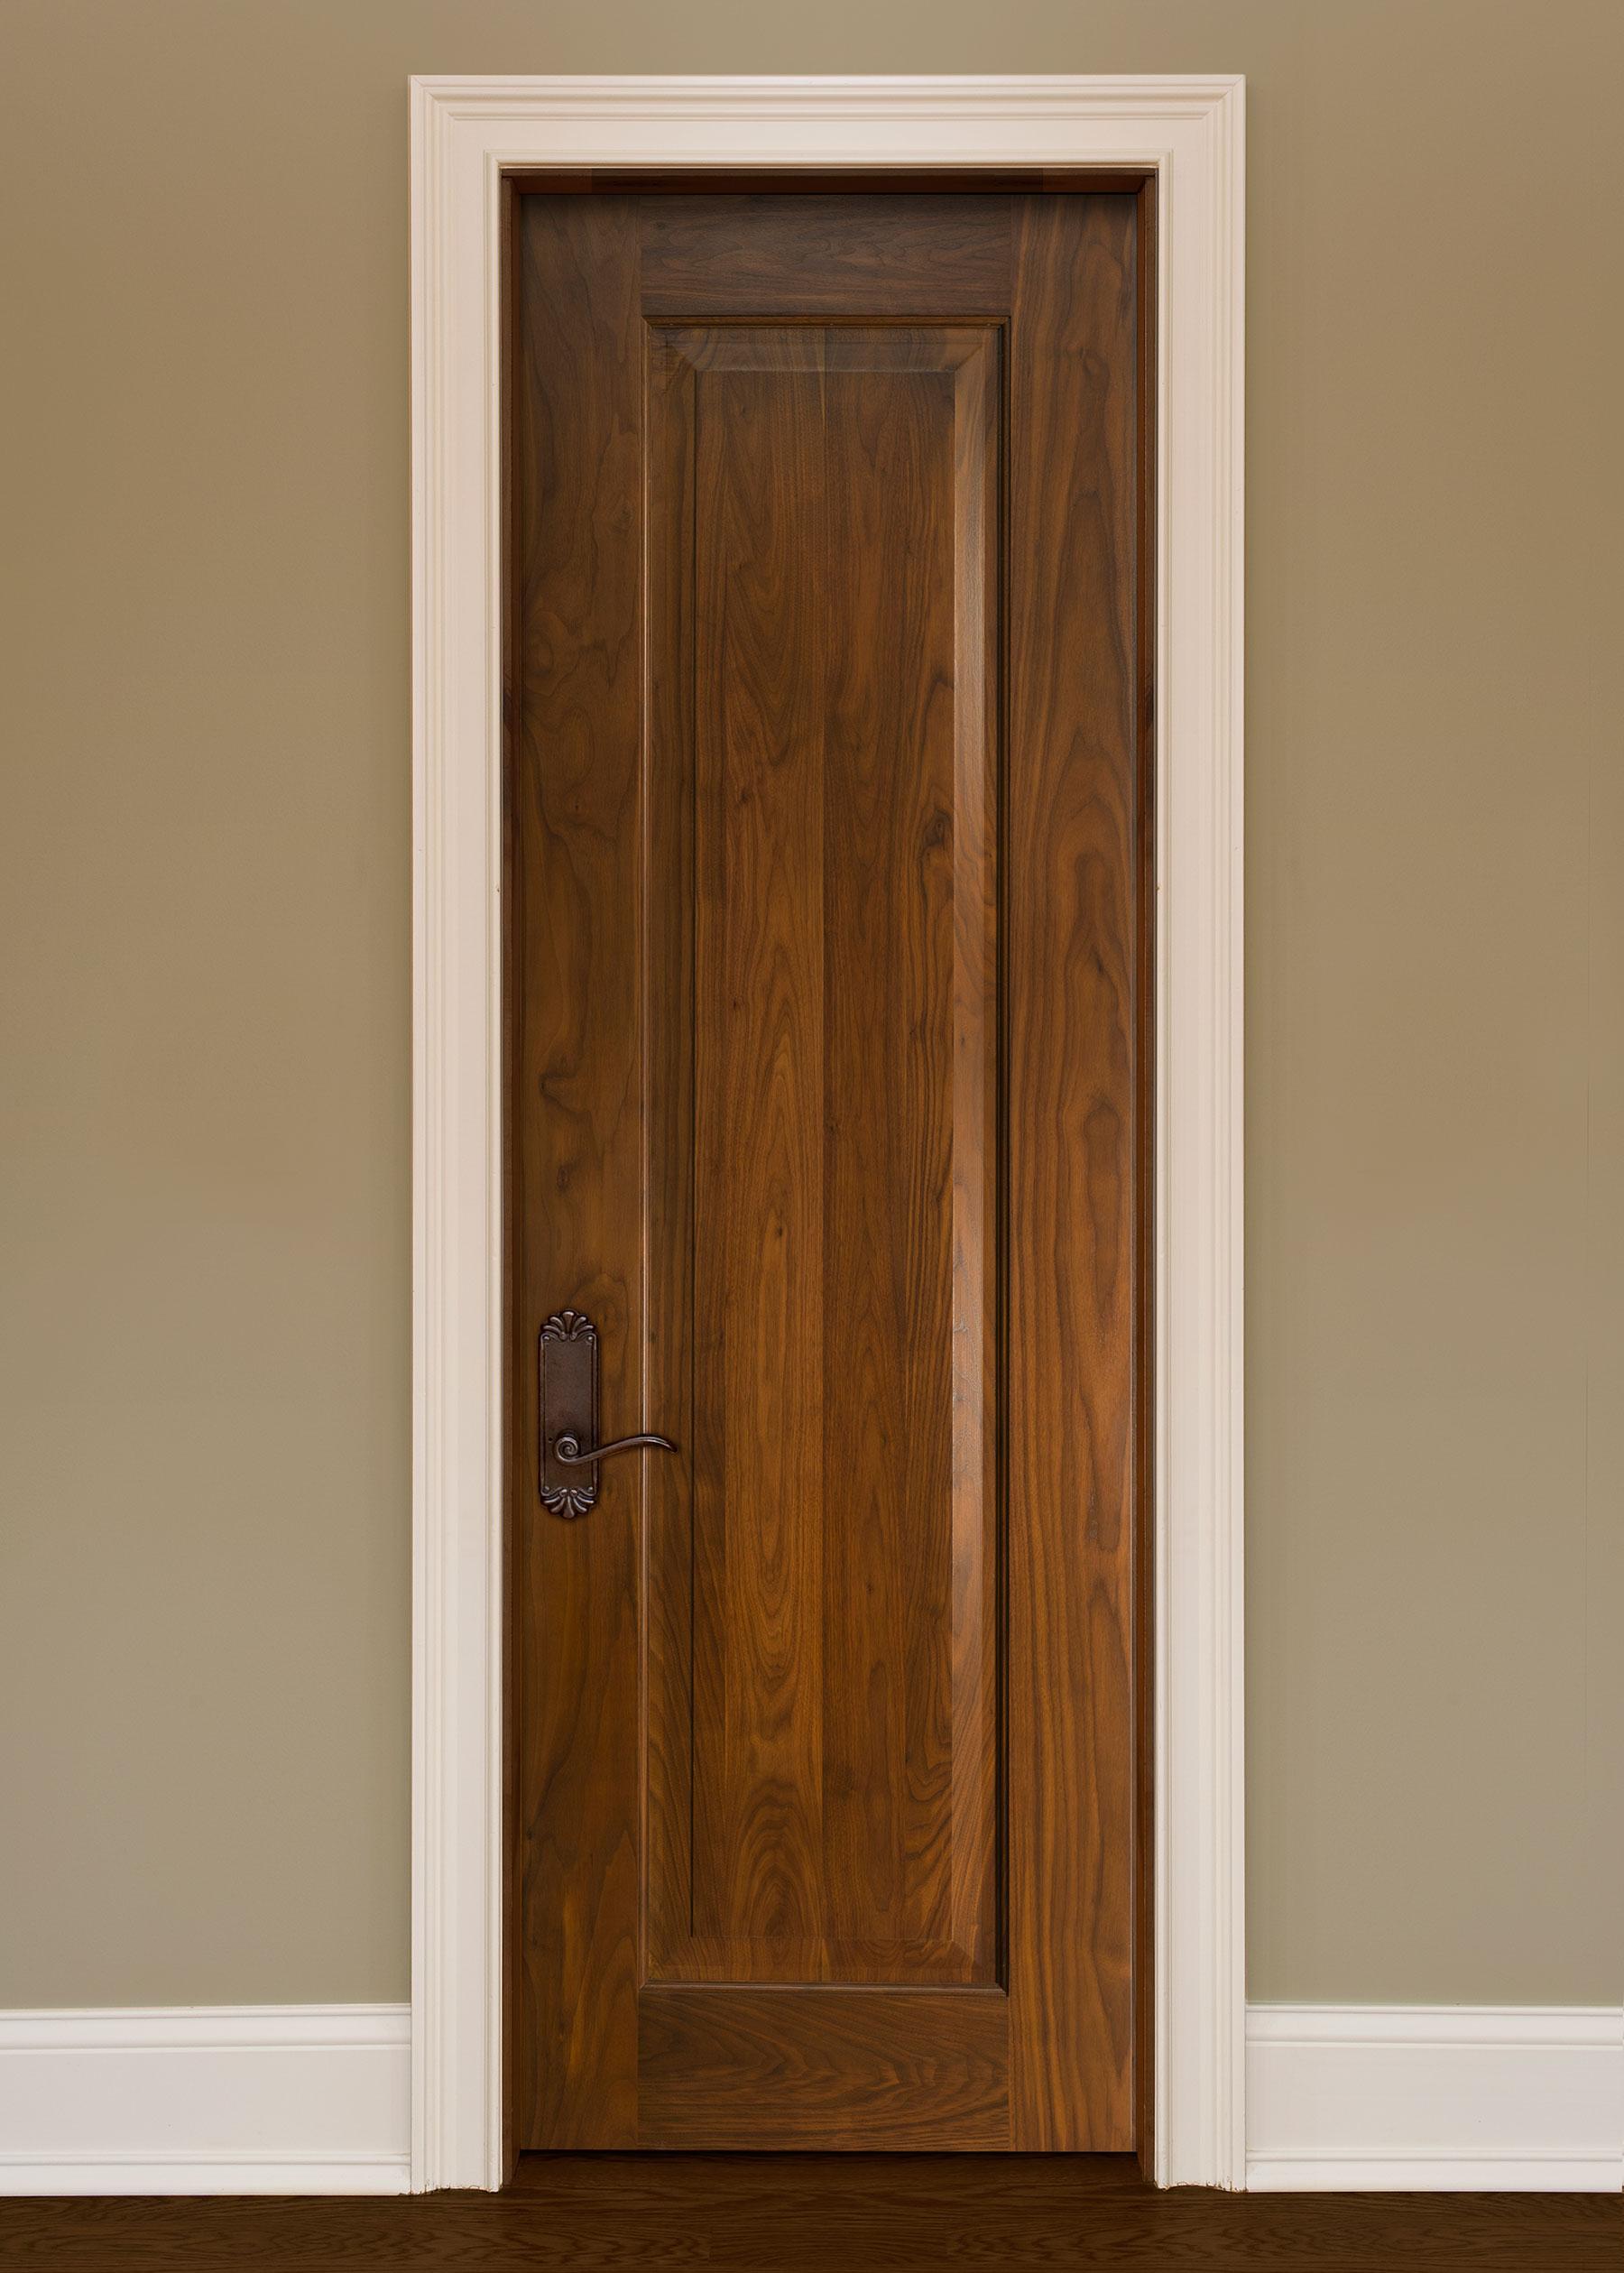 Custom Wood Interior Doors | Custom Interior 1 Raised Panel Solid Wood Door, Single DBI-1000A - Glenview Doors - Custom Doors in Chicago